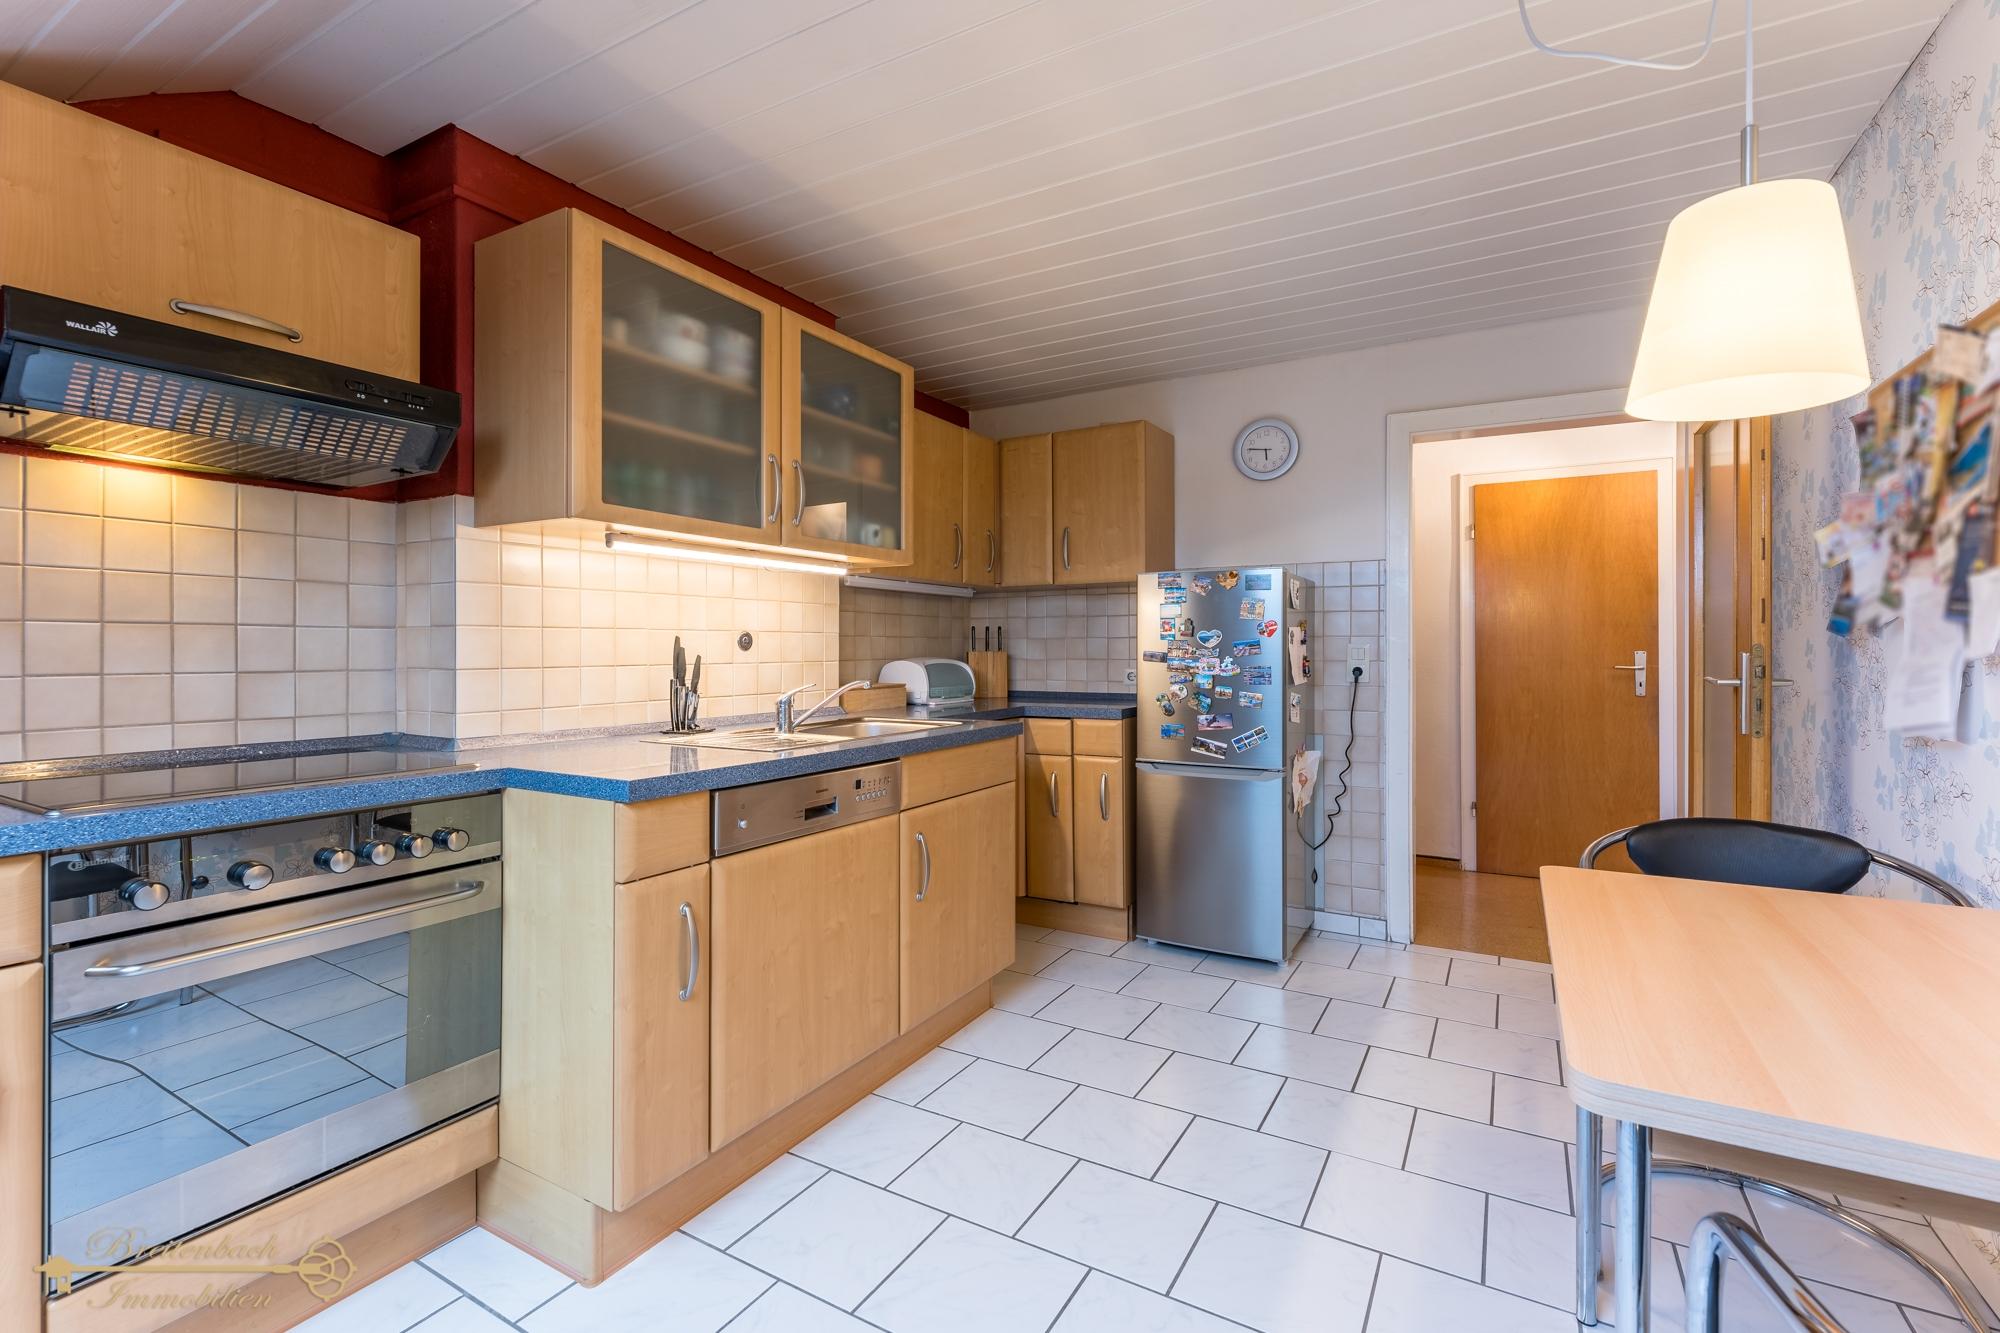 2021-01-16-Breitenbach-Immobilien-3